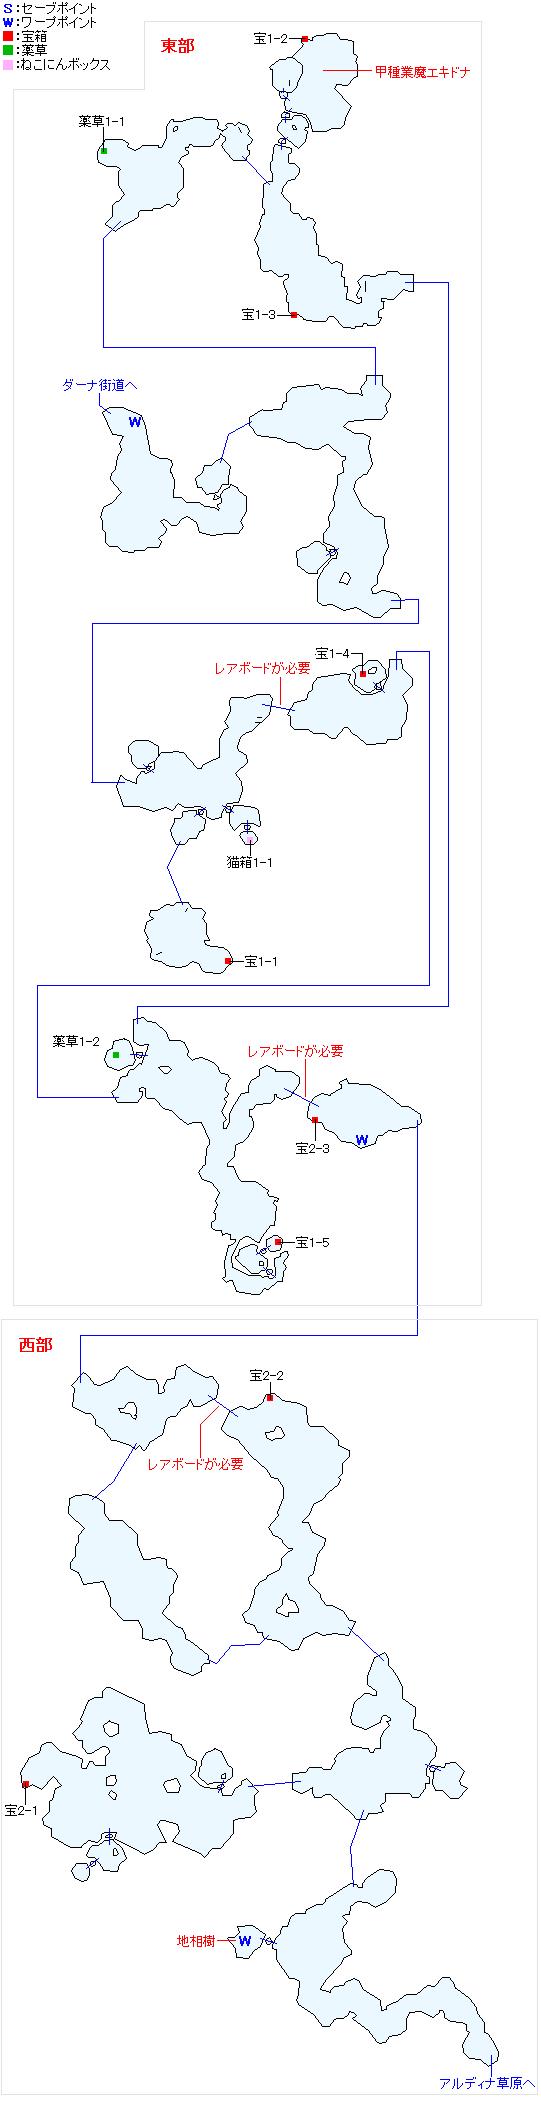 ガリス湖道マップ